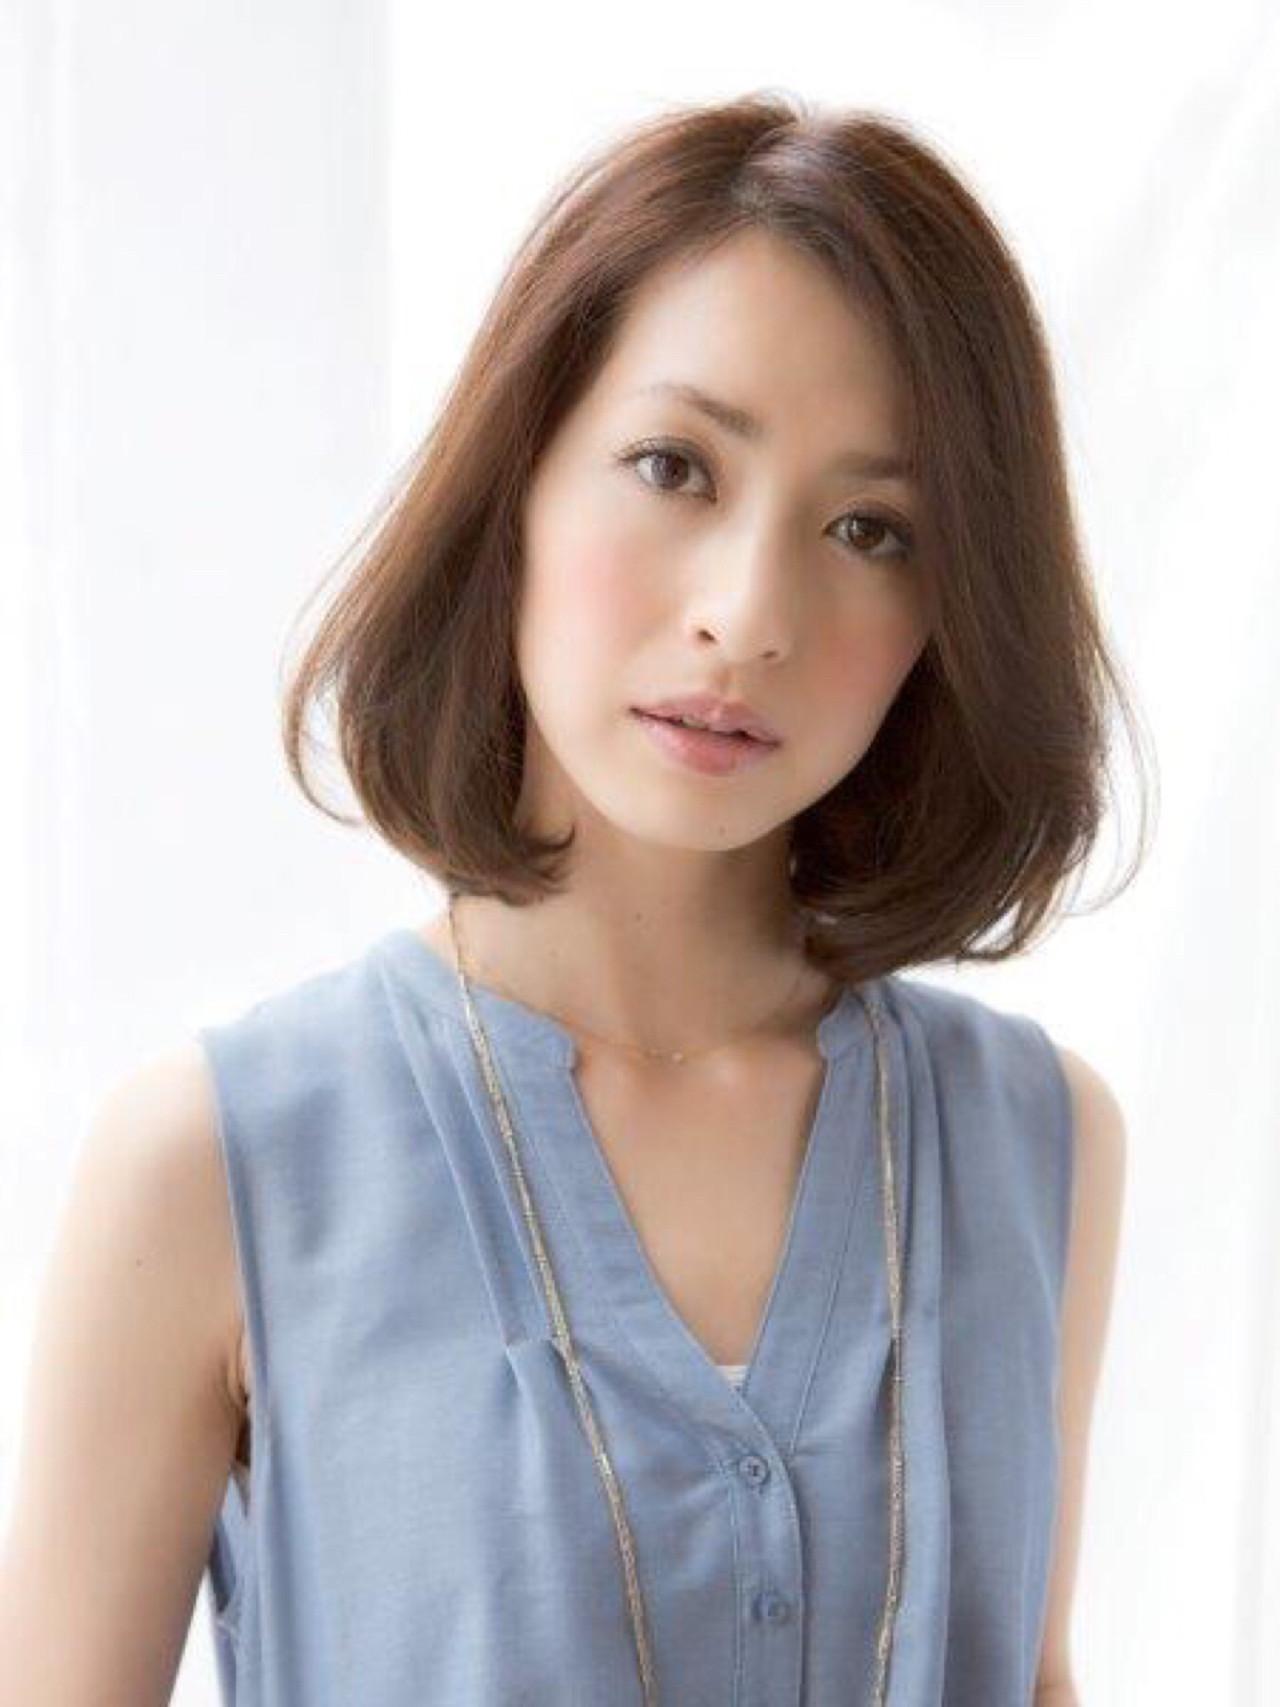 パーマ ミディアム ナチュラル オフィス ヘアスタイルや髪型の写真・画像 | 松下哲士 / GARDEN aoyama